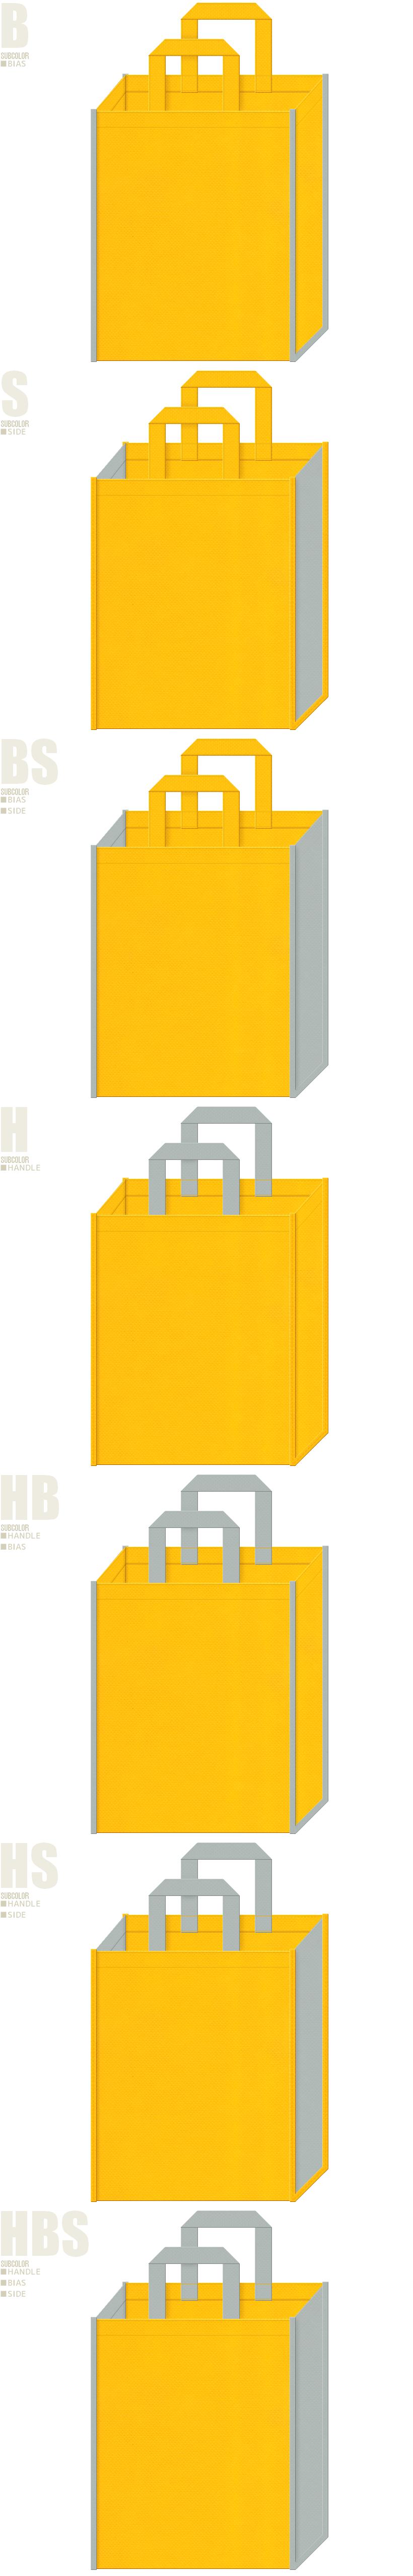 電気・電柱・通信・照明器具・ワーキングウェア・ロボットイベントにお奨めの不織布バッグのデザイン:黄色とグレー色の配色7パターン